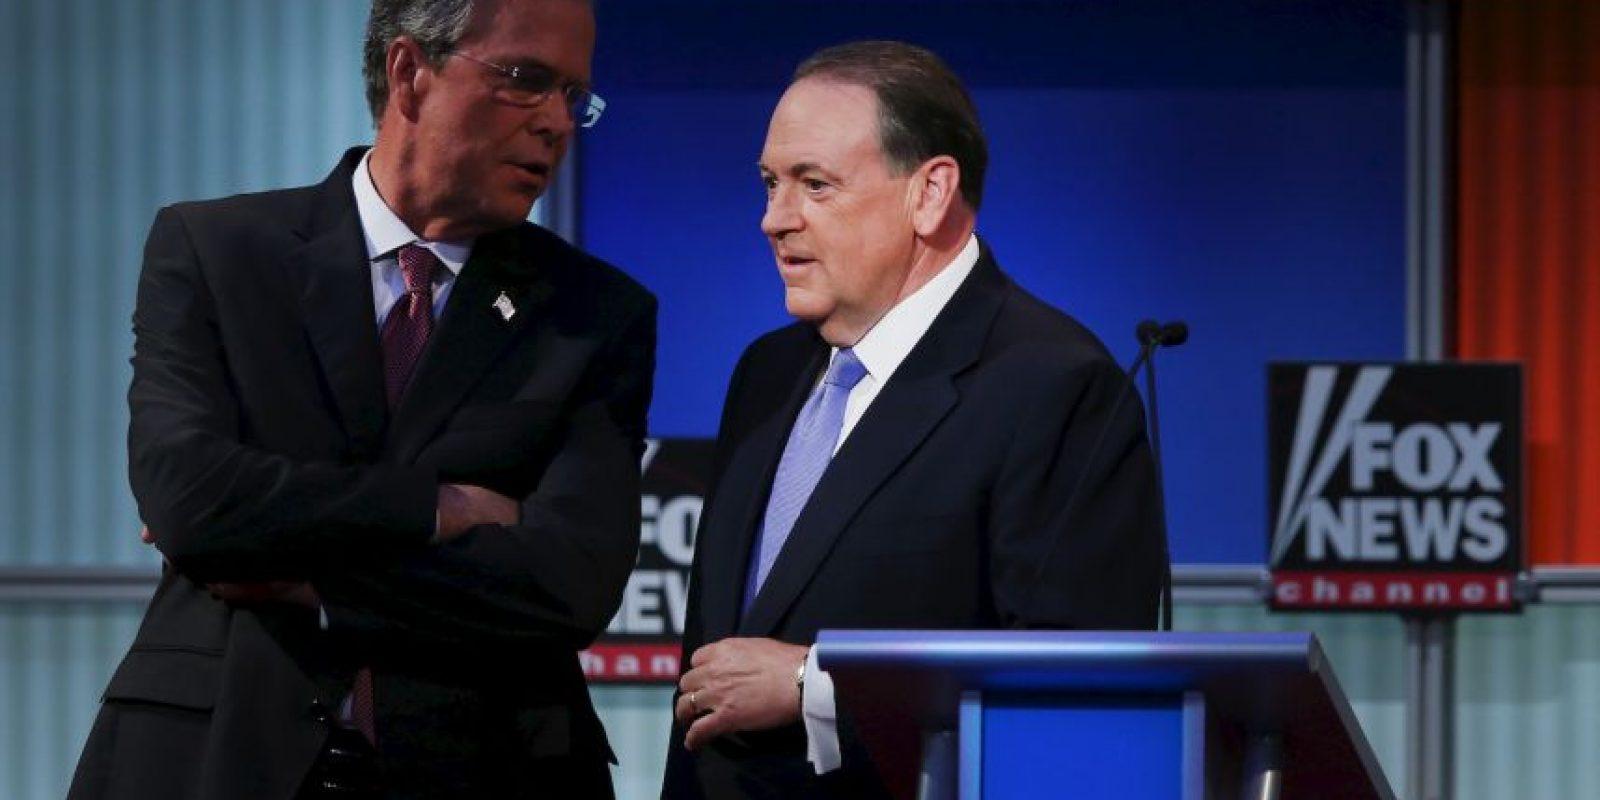 """Sobre la organización de planificación familiar Planned Parenthood, Jeb Bush aseguró que les había cortado los fondos cuando fungía como gobernador de Florida. """"Odio el concepto de aborto"""", indicó Trump por su parte. Foto:Getty Images"""